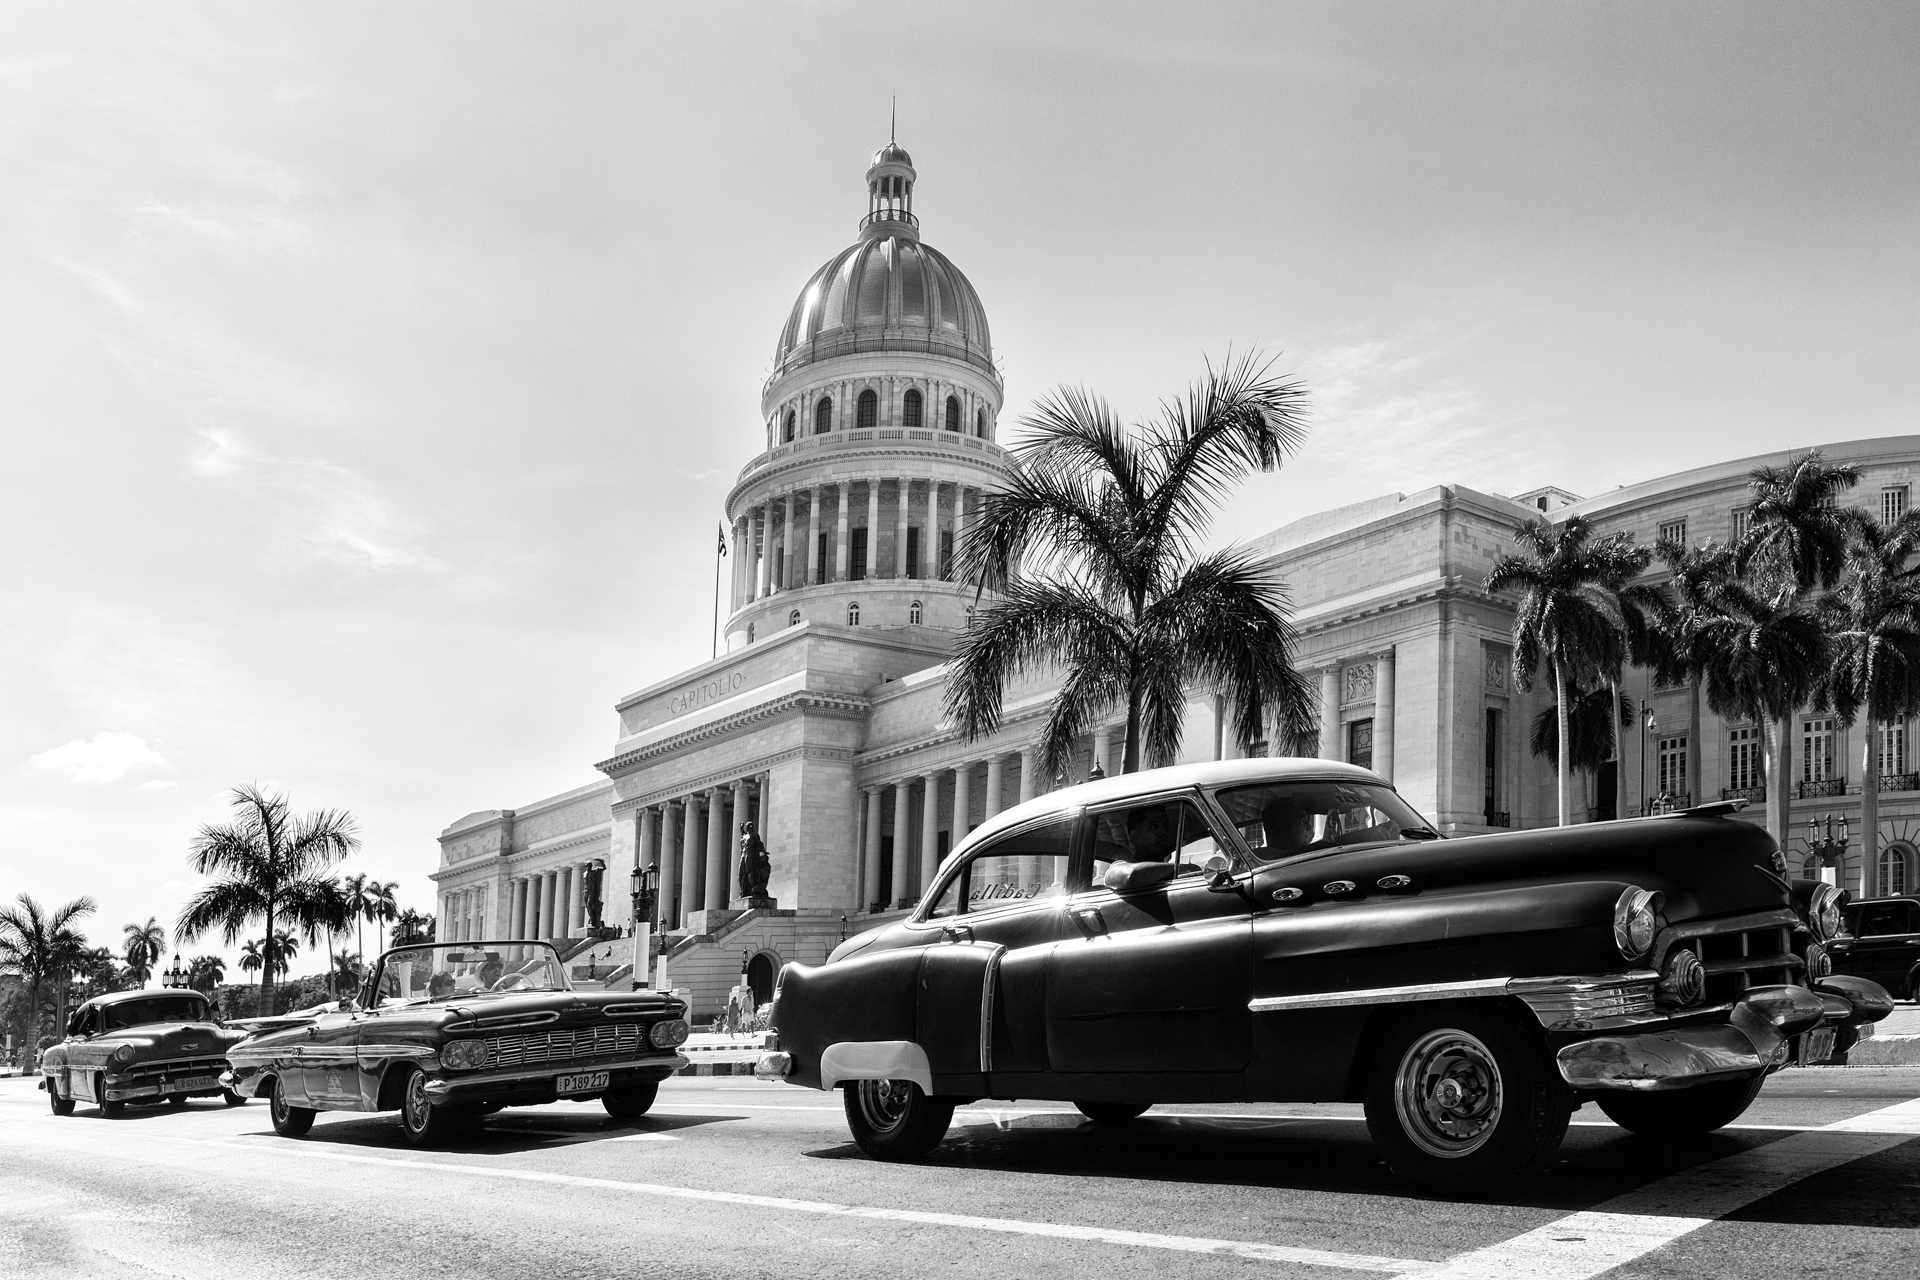 CUBA, LA HABANA, CAPITOLIO